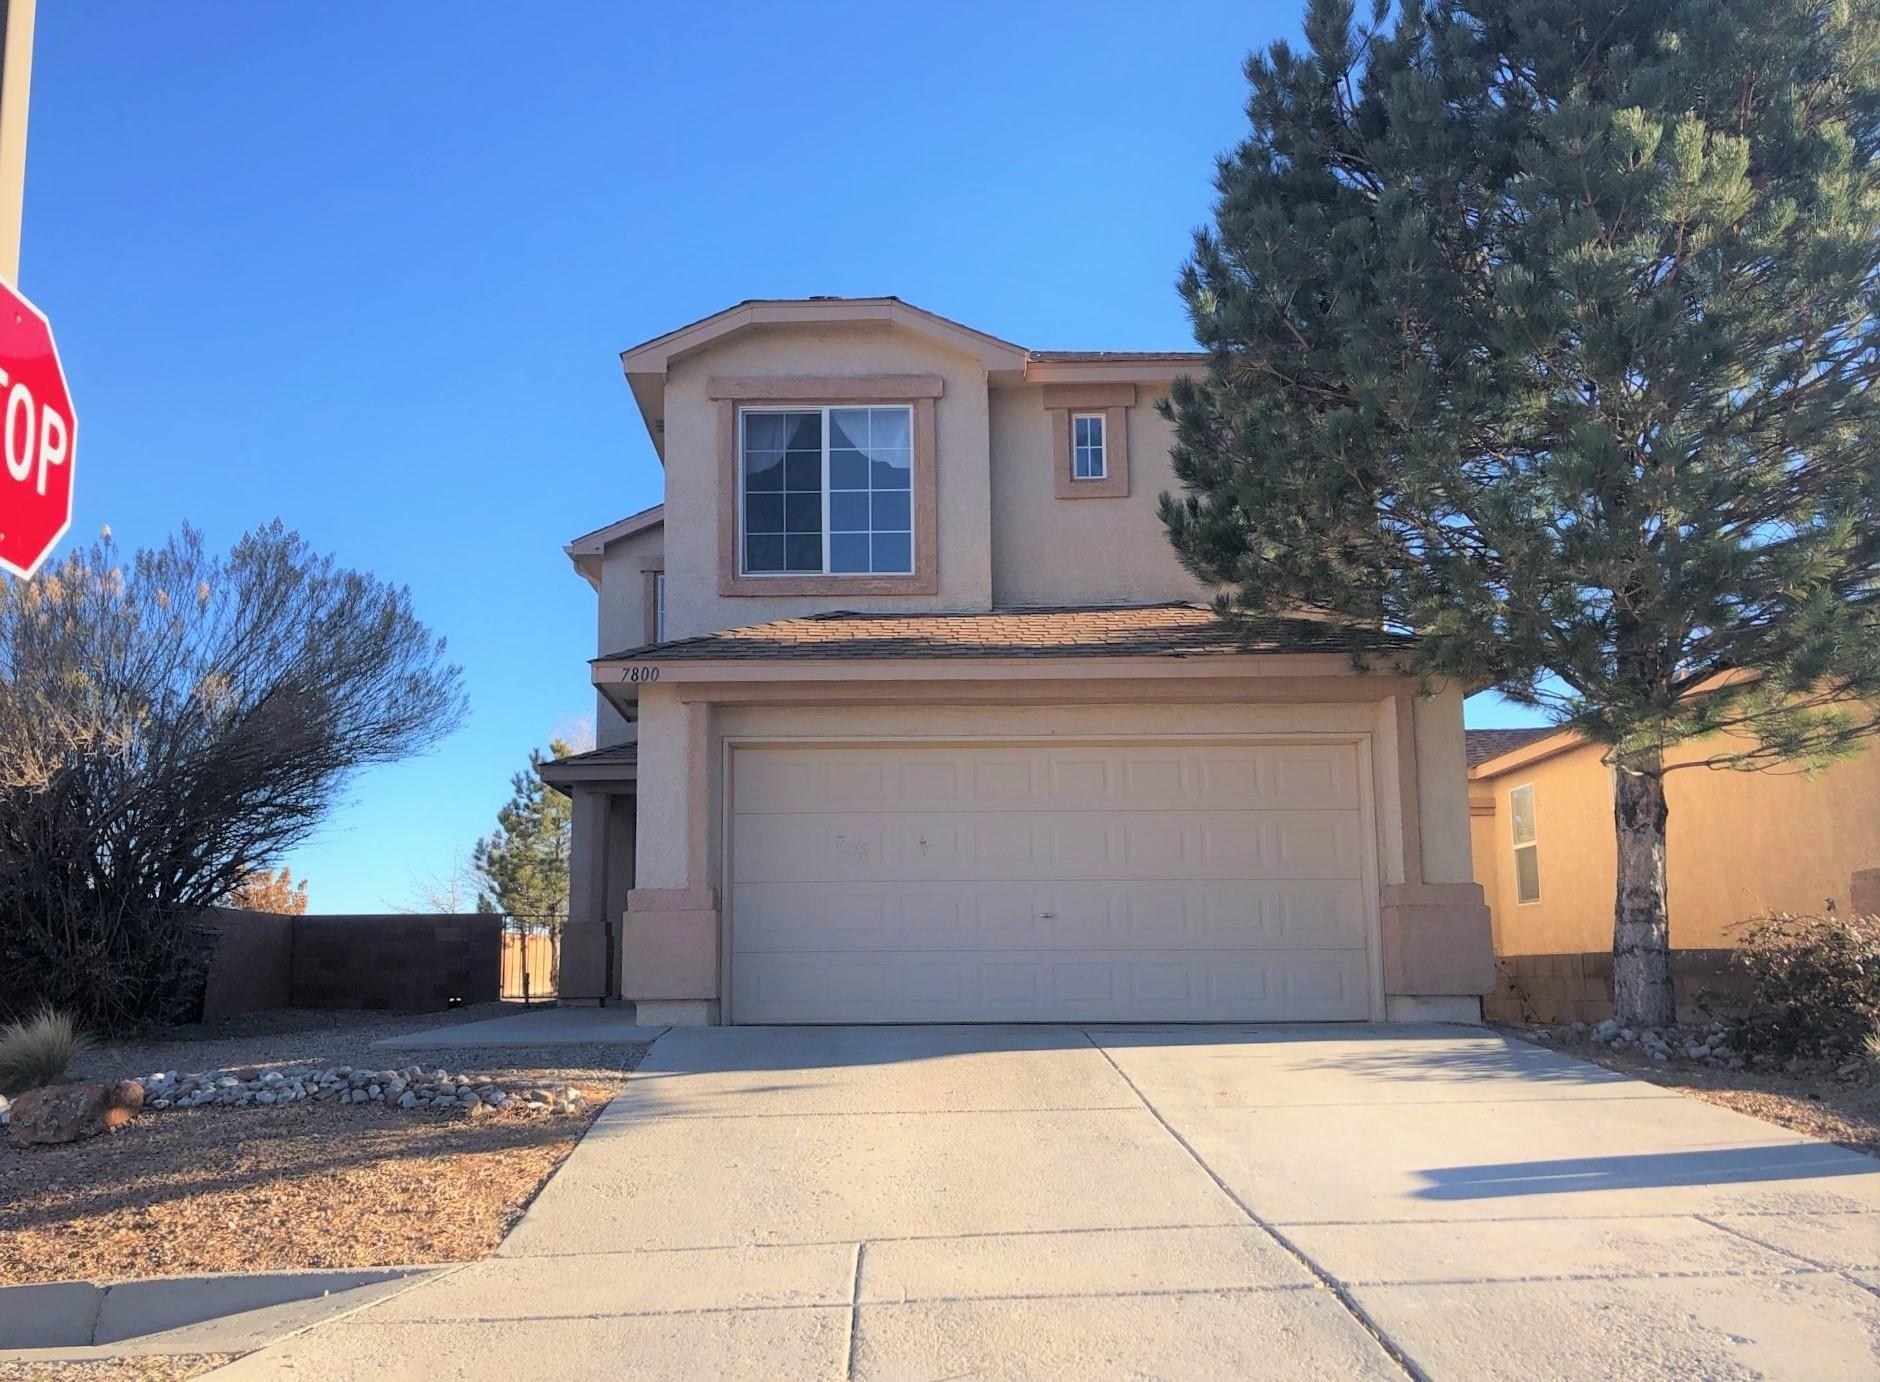 7800 LATIR MESA Road NW, Albuquerque, NM 87114 - MLS#: 986287